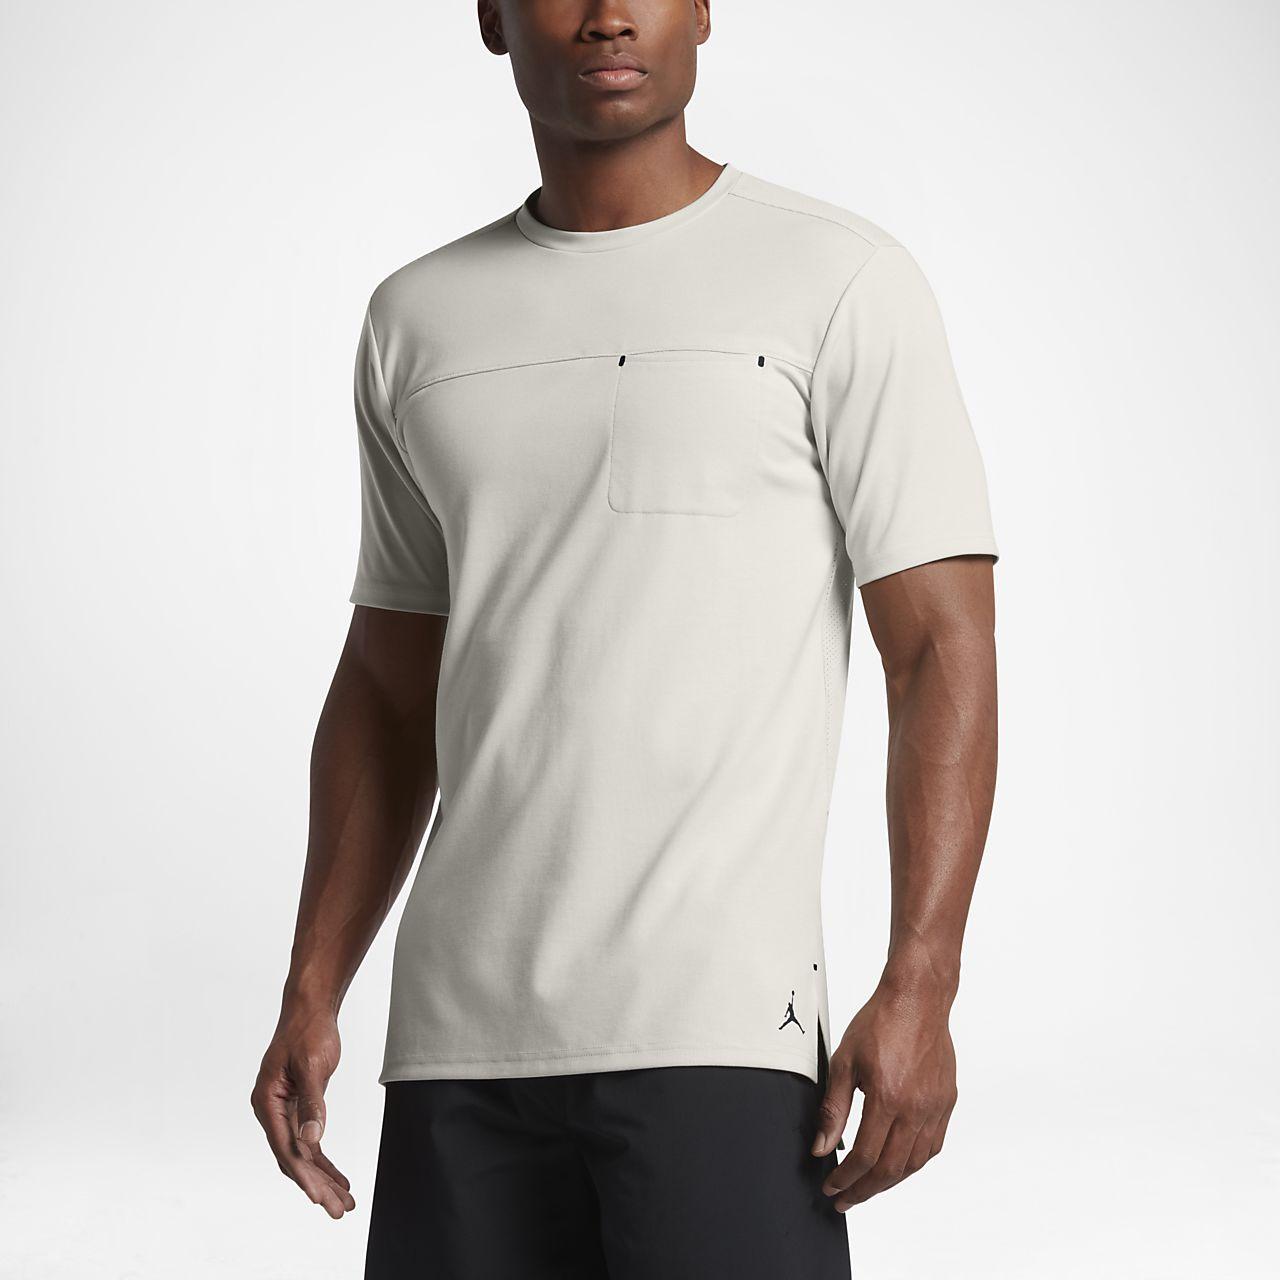 Jordan 23 Lux Pocket 男款 T 恤